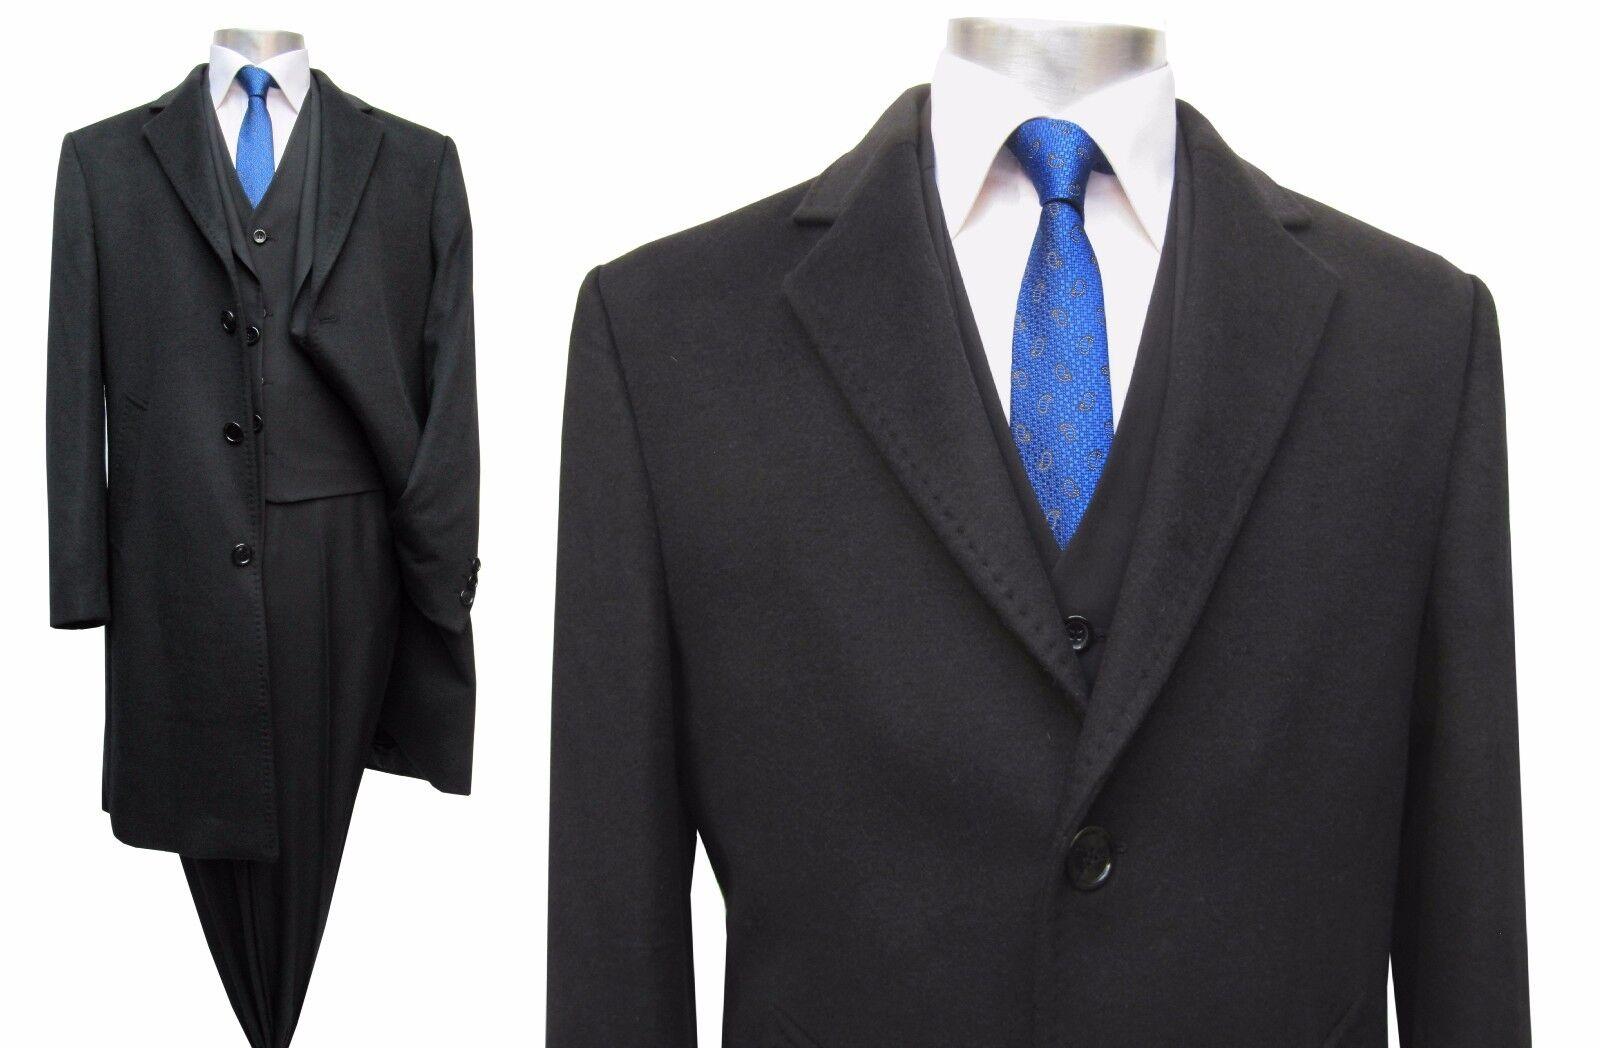 Herren Mantel lang Elegant Gr.60 Gr.60 Gr.60 Schwarz | Treten Sie ein in die Welt der Spielzeuge und finden Sie eine Quelle des Glücks  96d60d